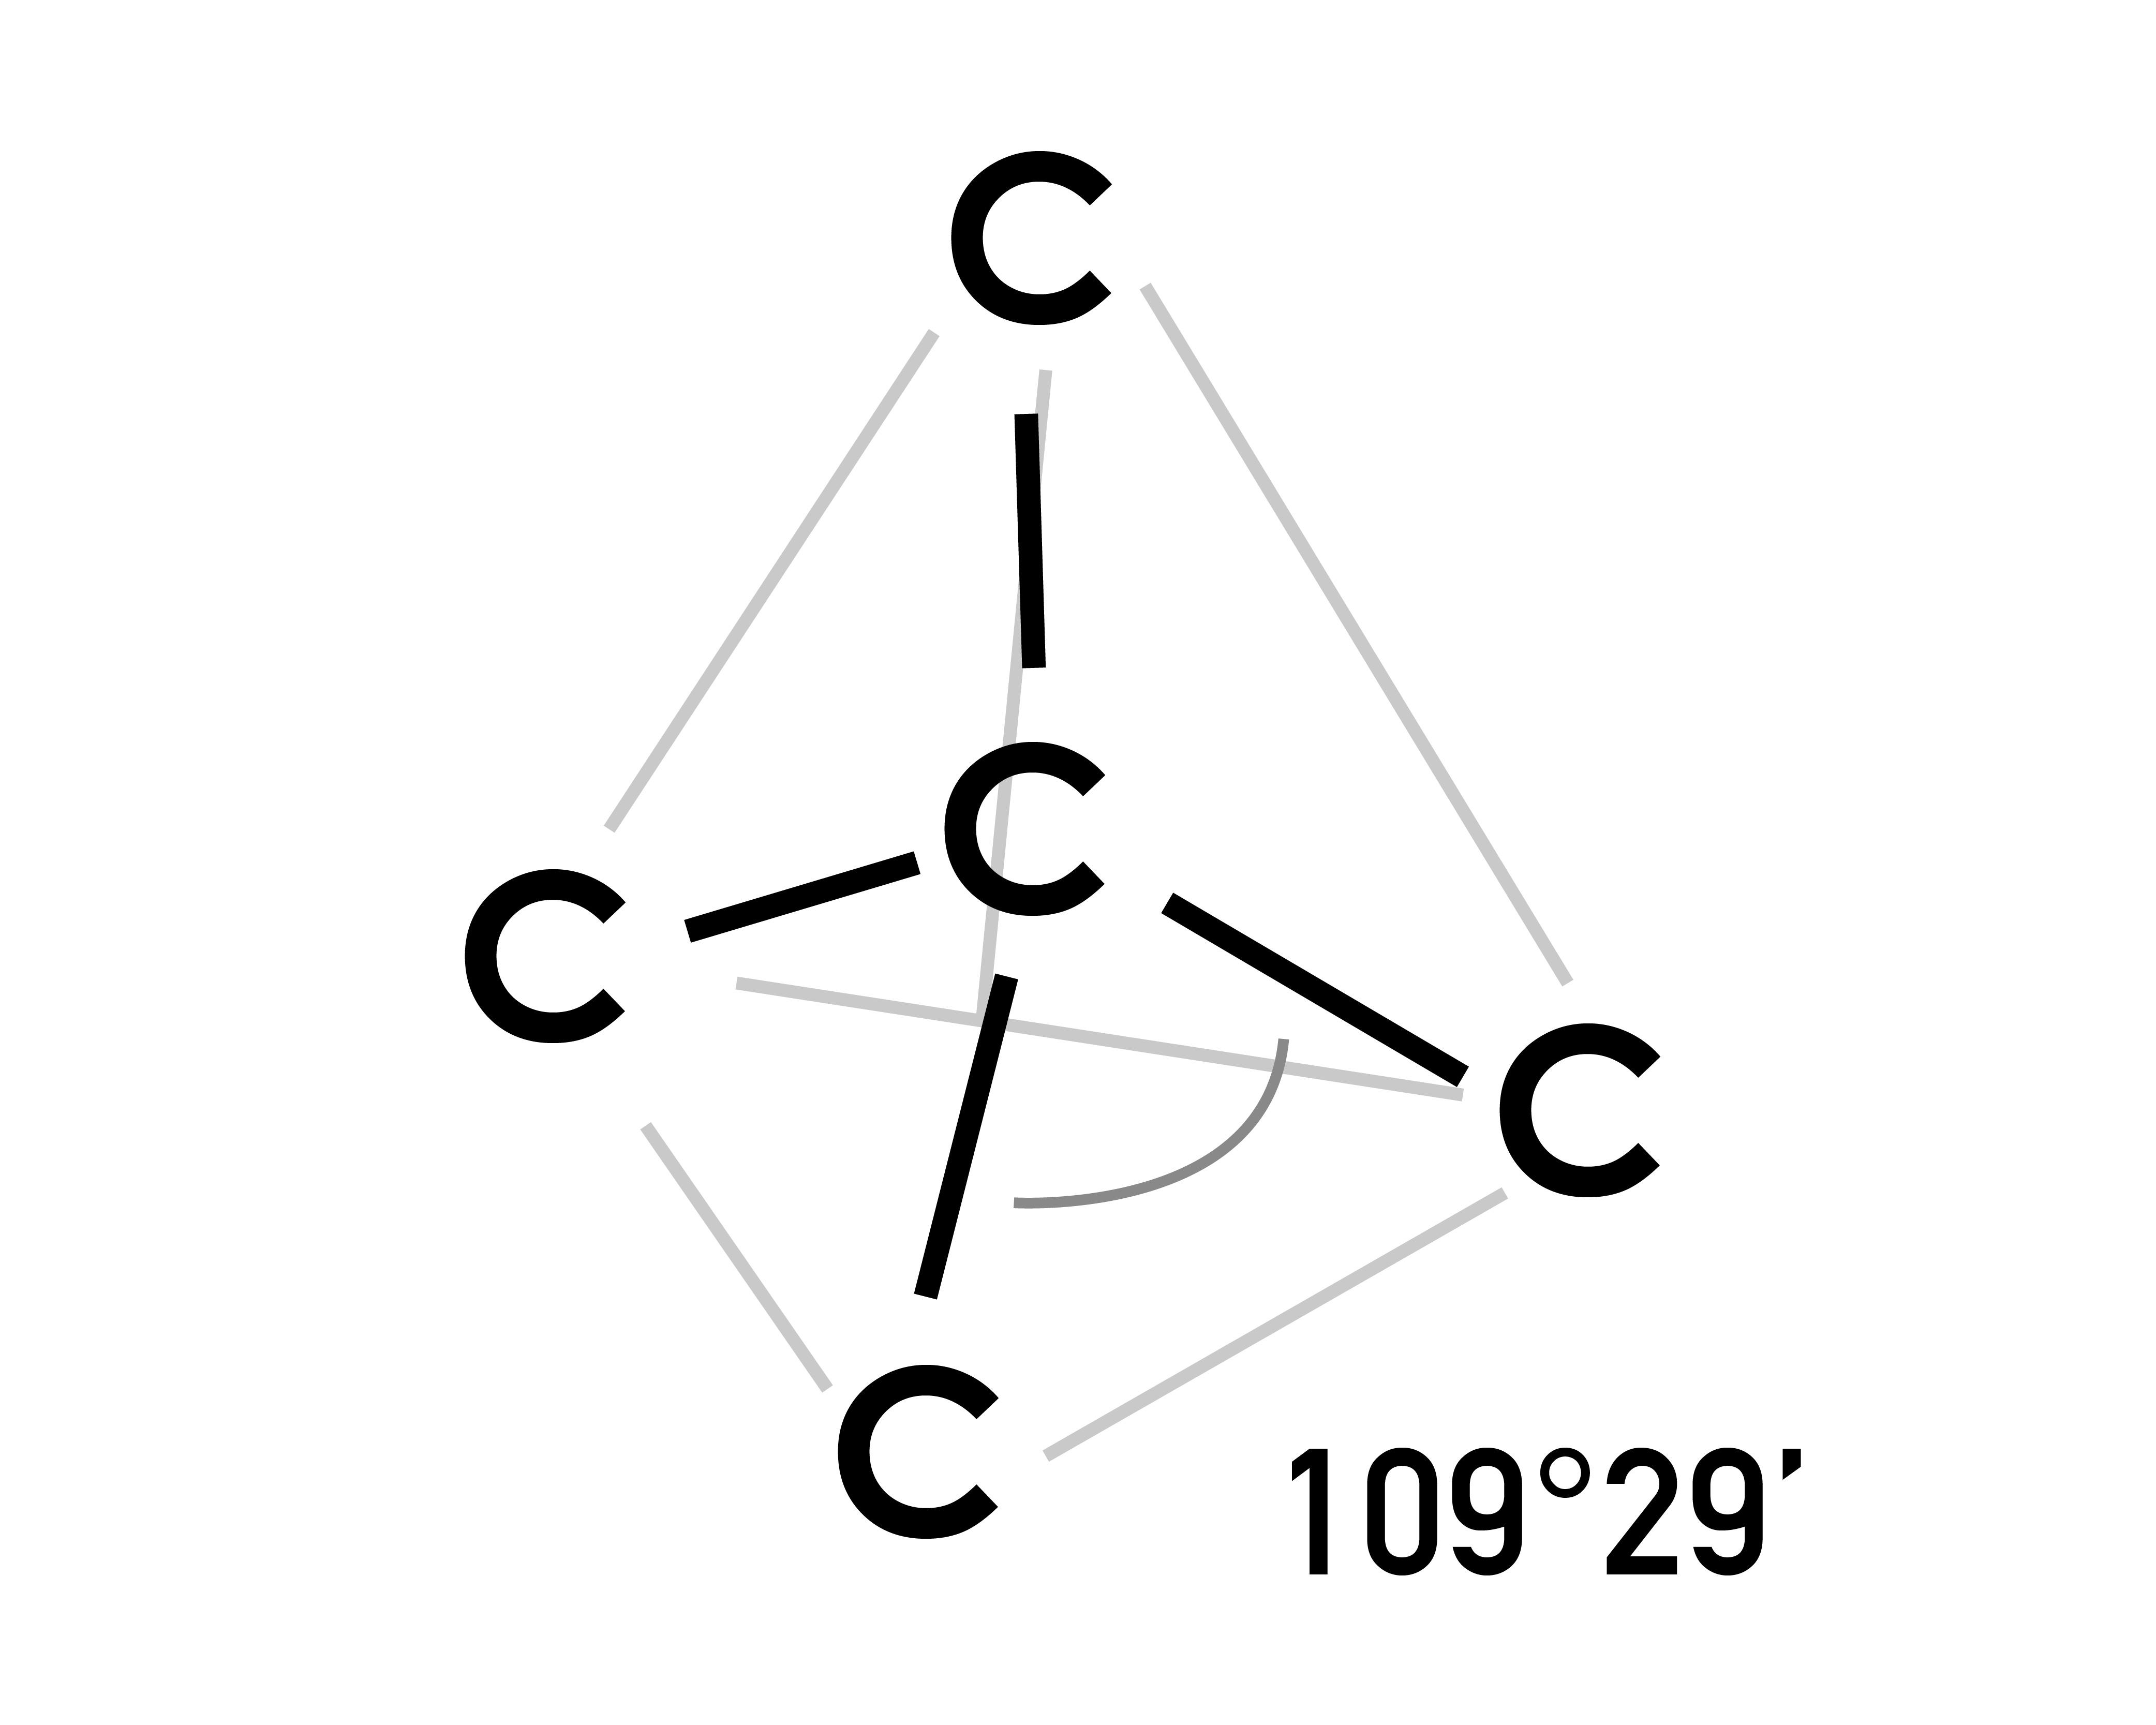 鑽石中碳的 sp3 四面體結構,每一個碳原子有 4 個緊鄰的碳原子。 圖│〈碳奈米結構的美〉,作者:李偉立